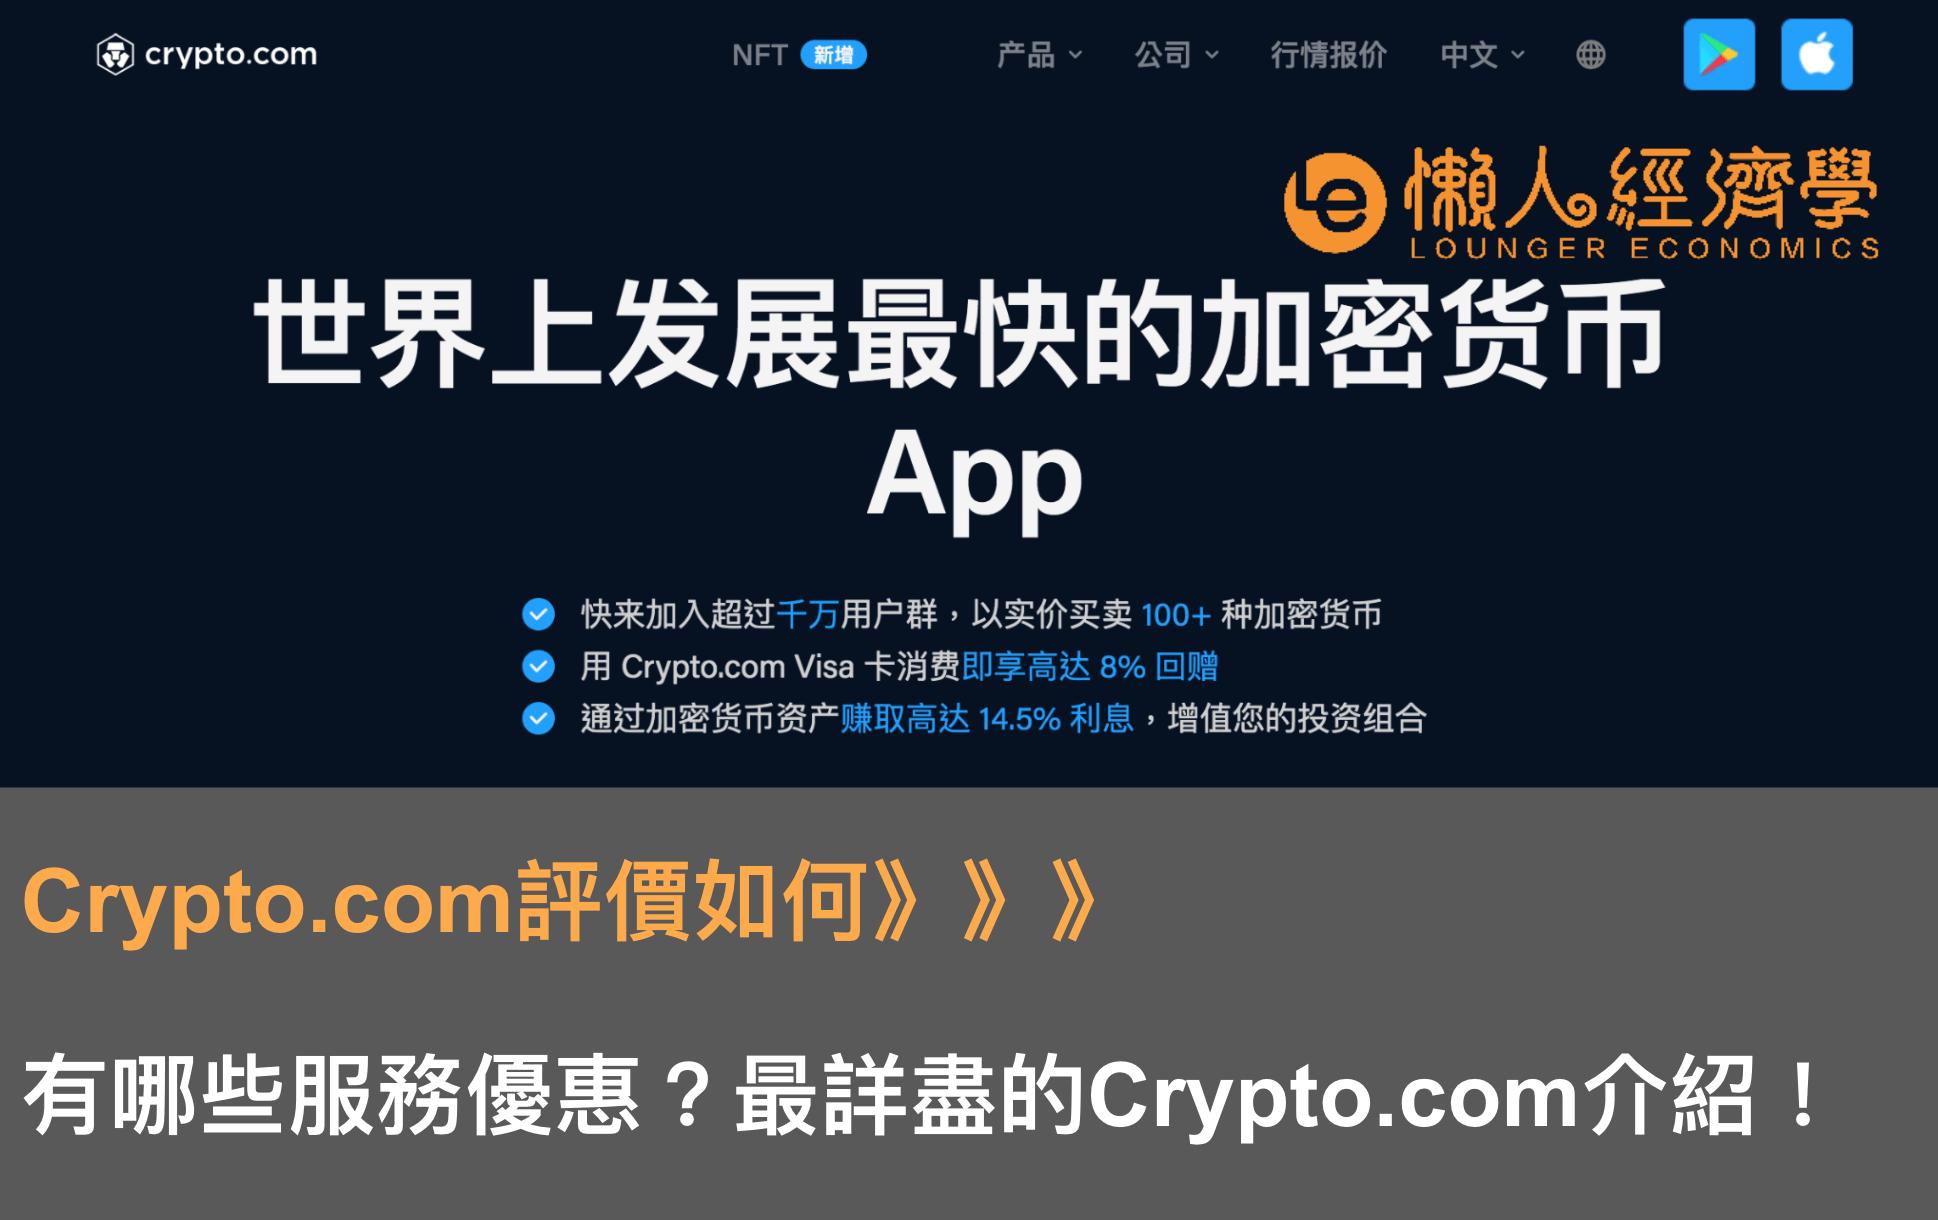 Crypto .com評價如何?有哪些服務優惠?最詳盡的Crypto.com介紹!